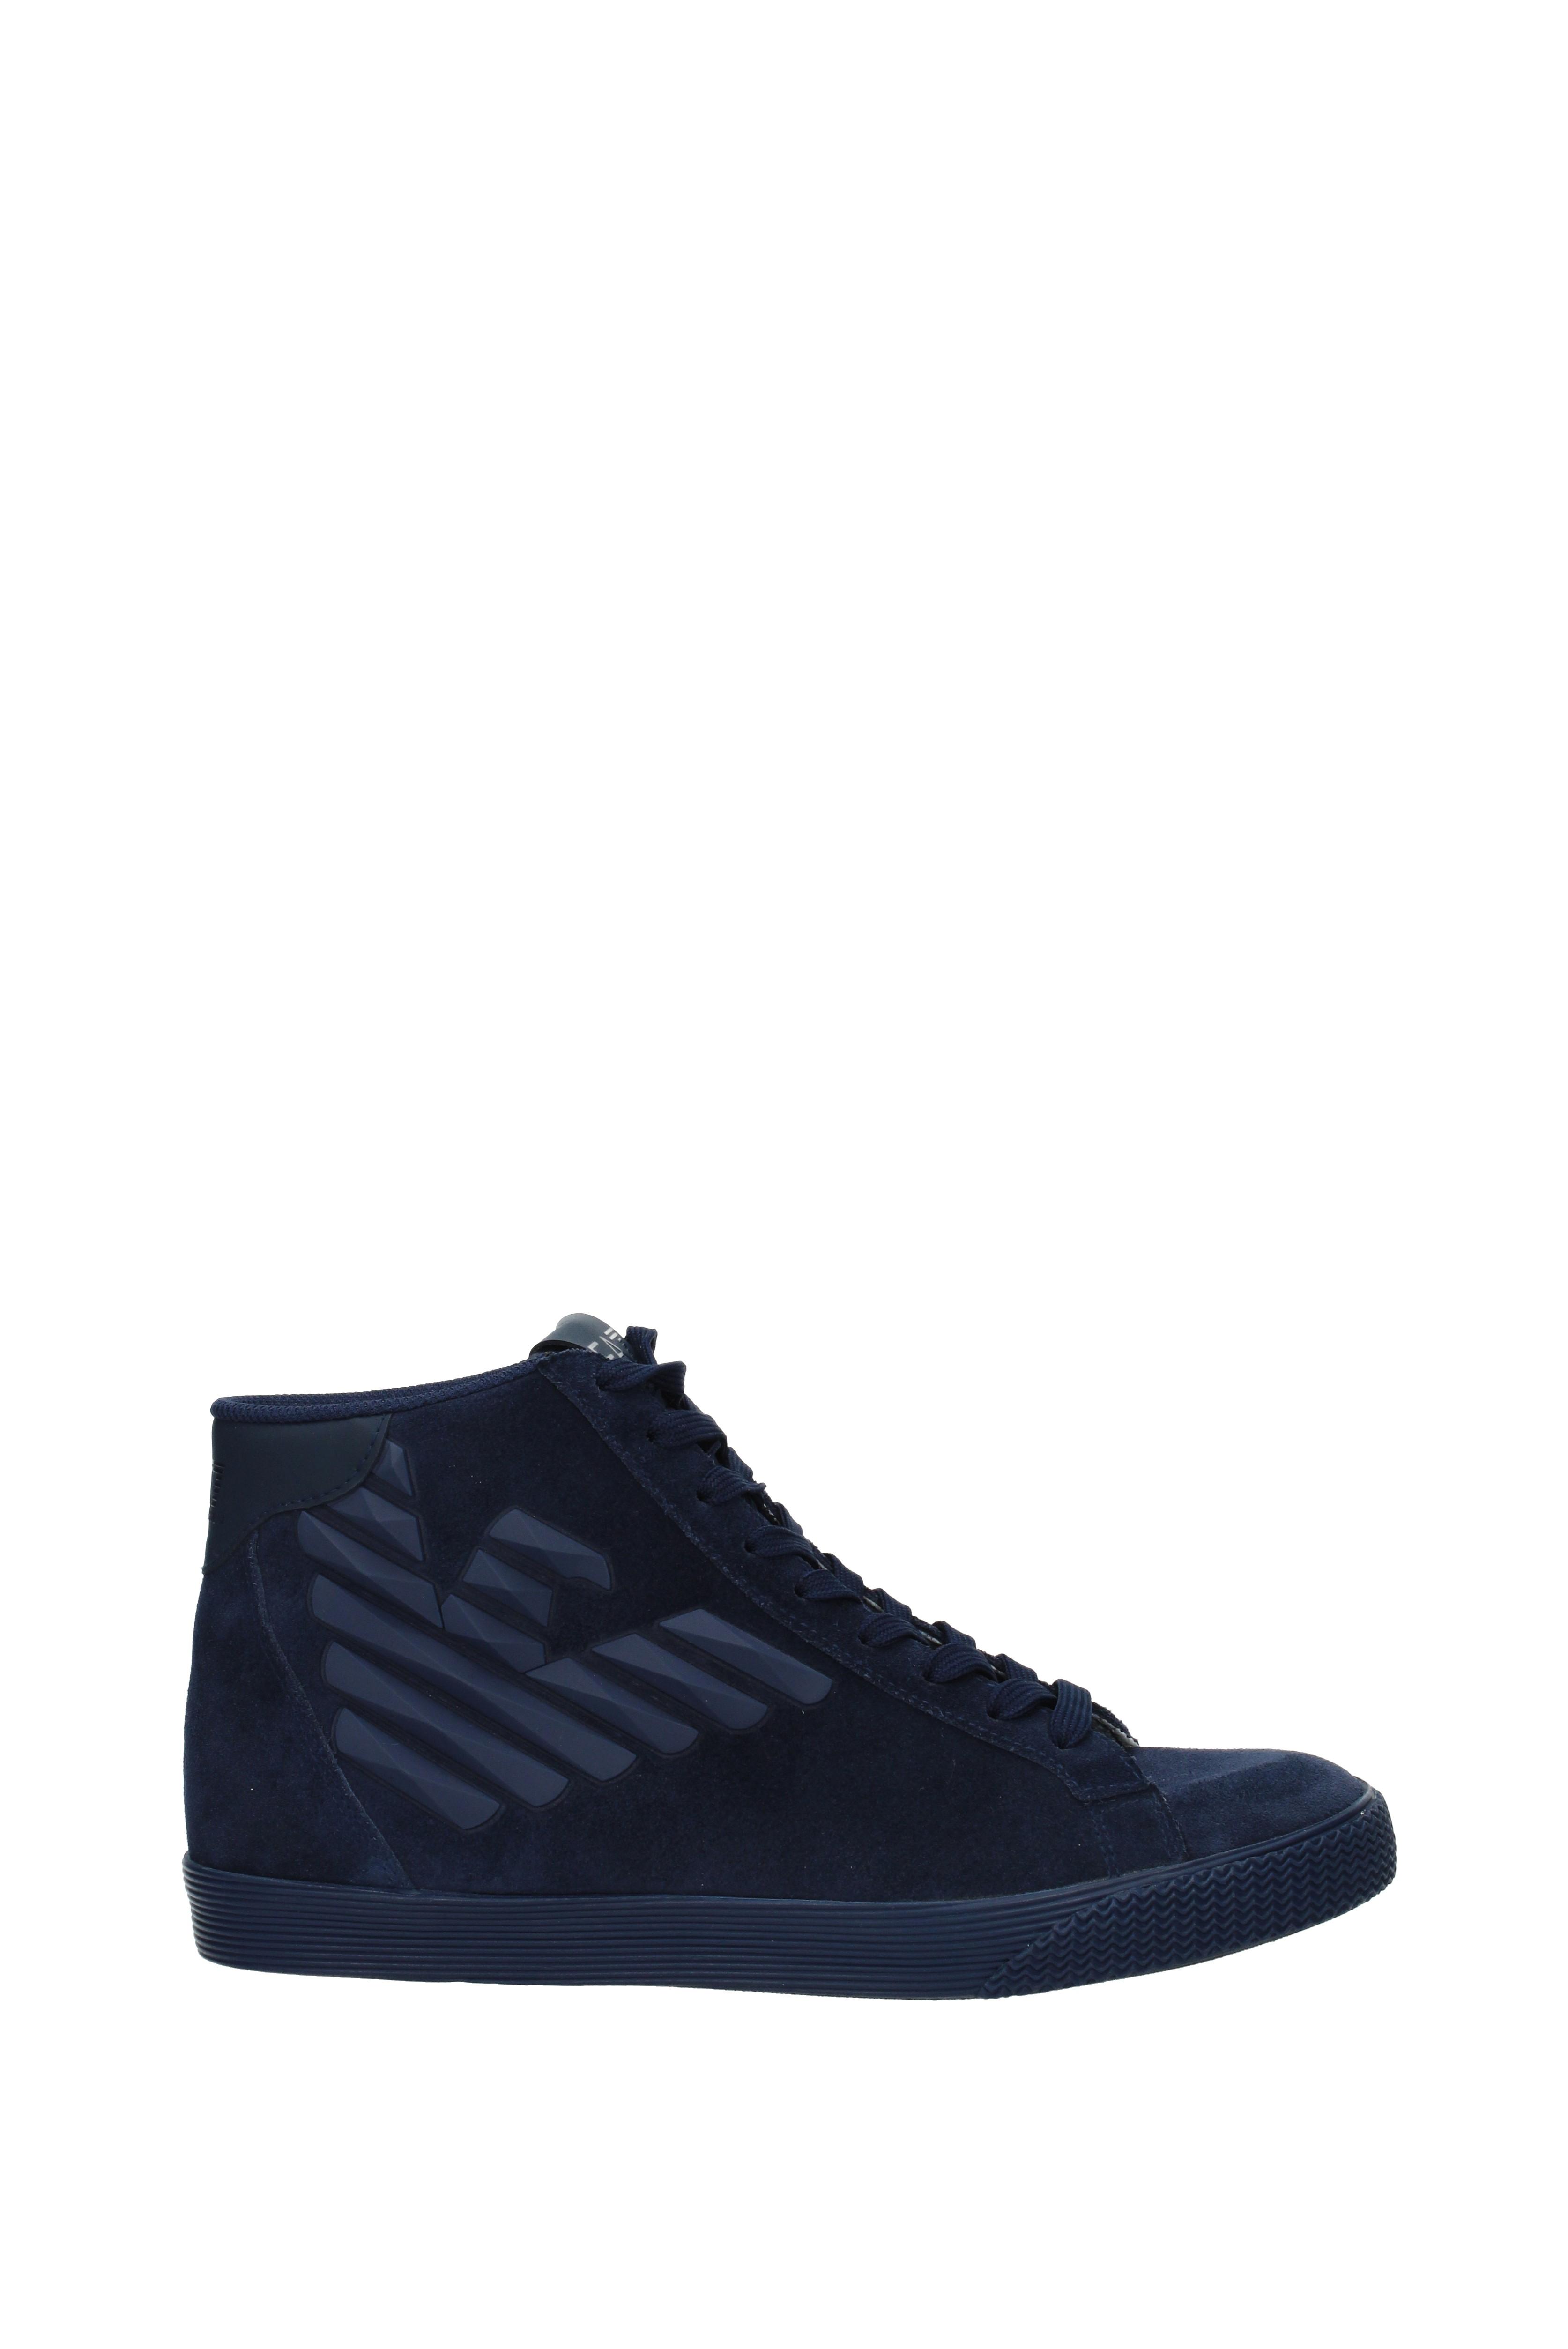 Sneakers Armani Emporio pride ea7 Herren - Wildleder (2480107A299)